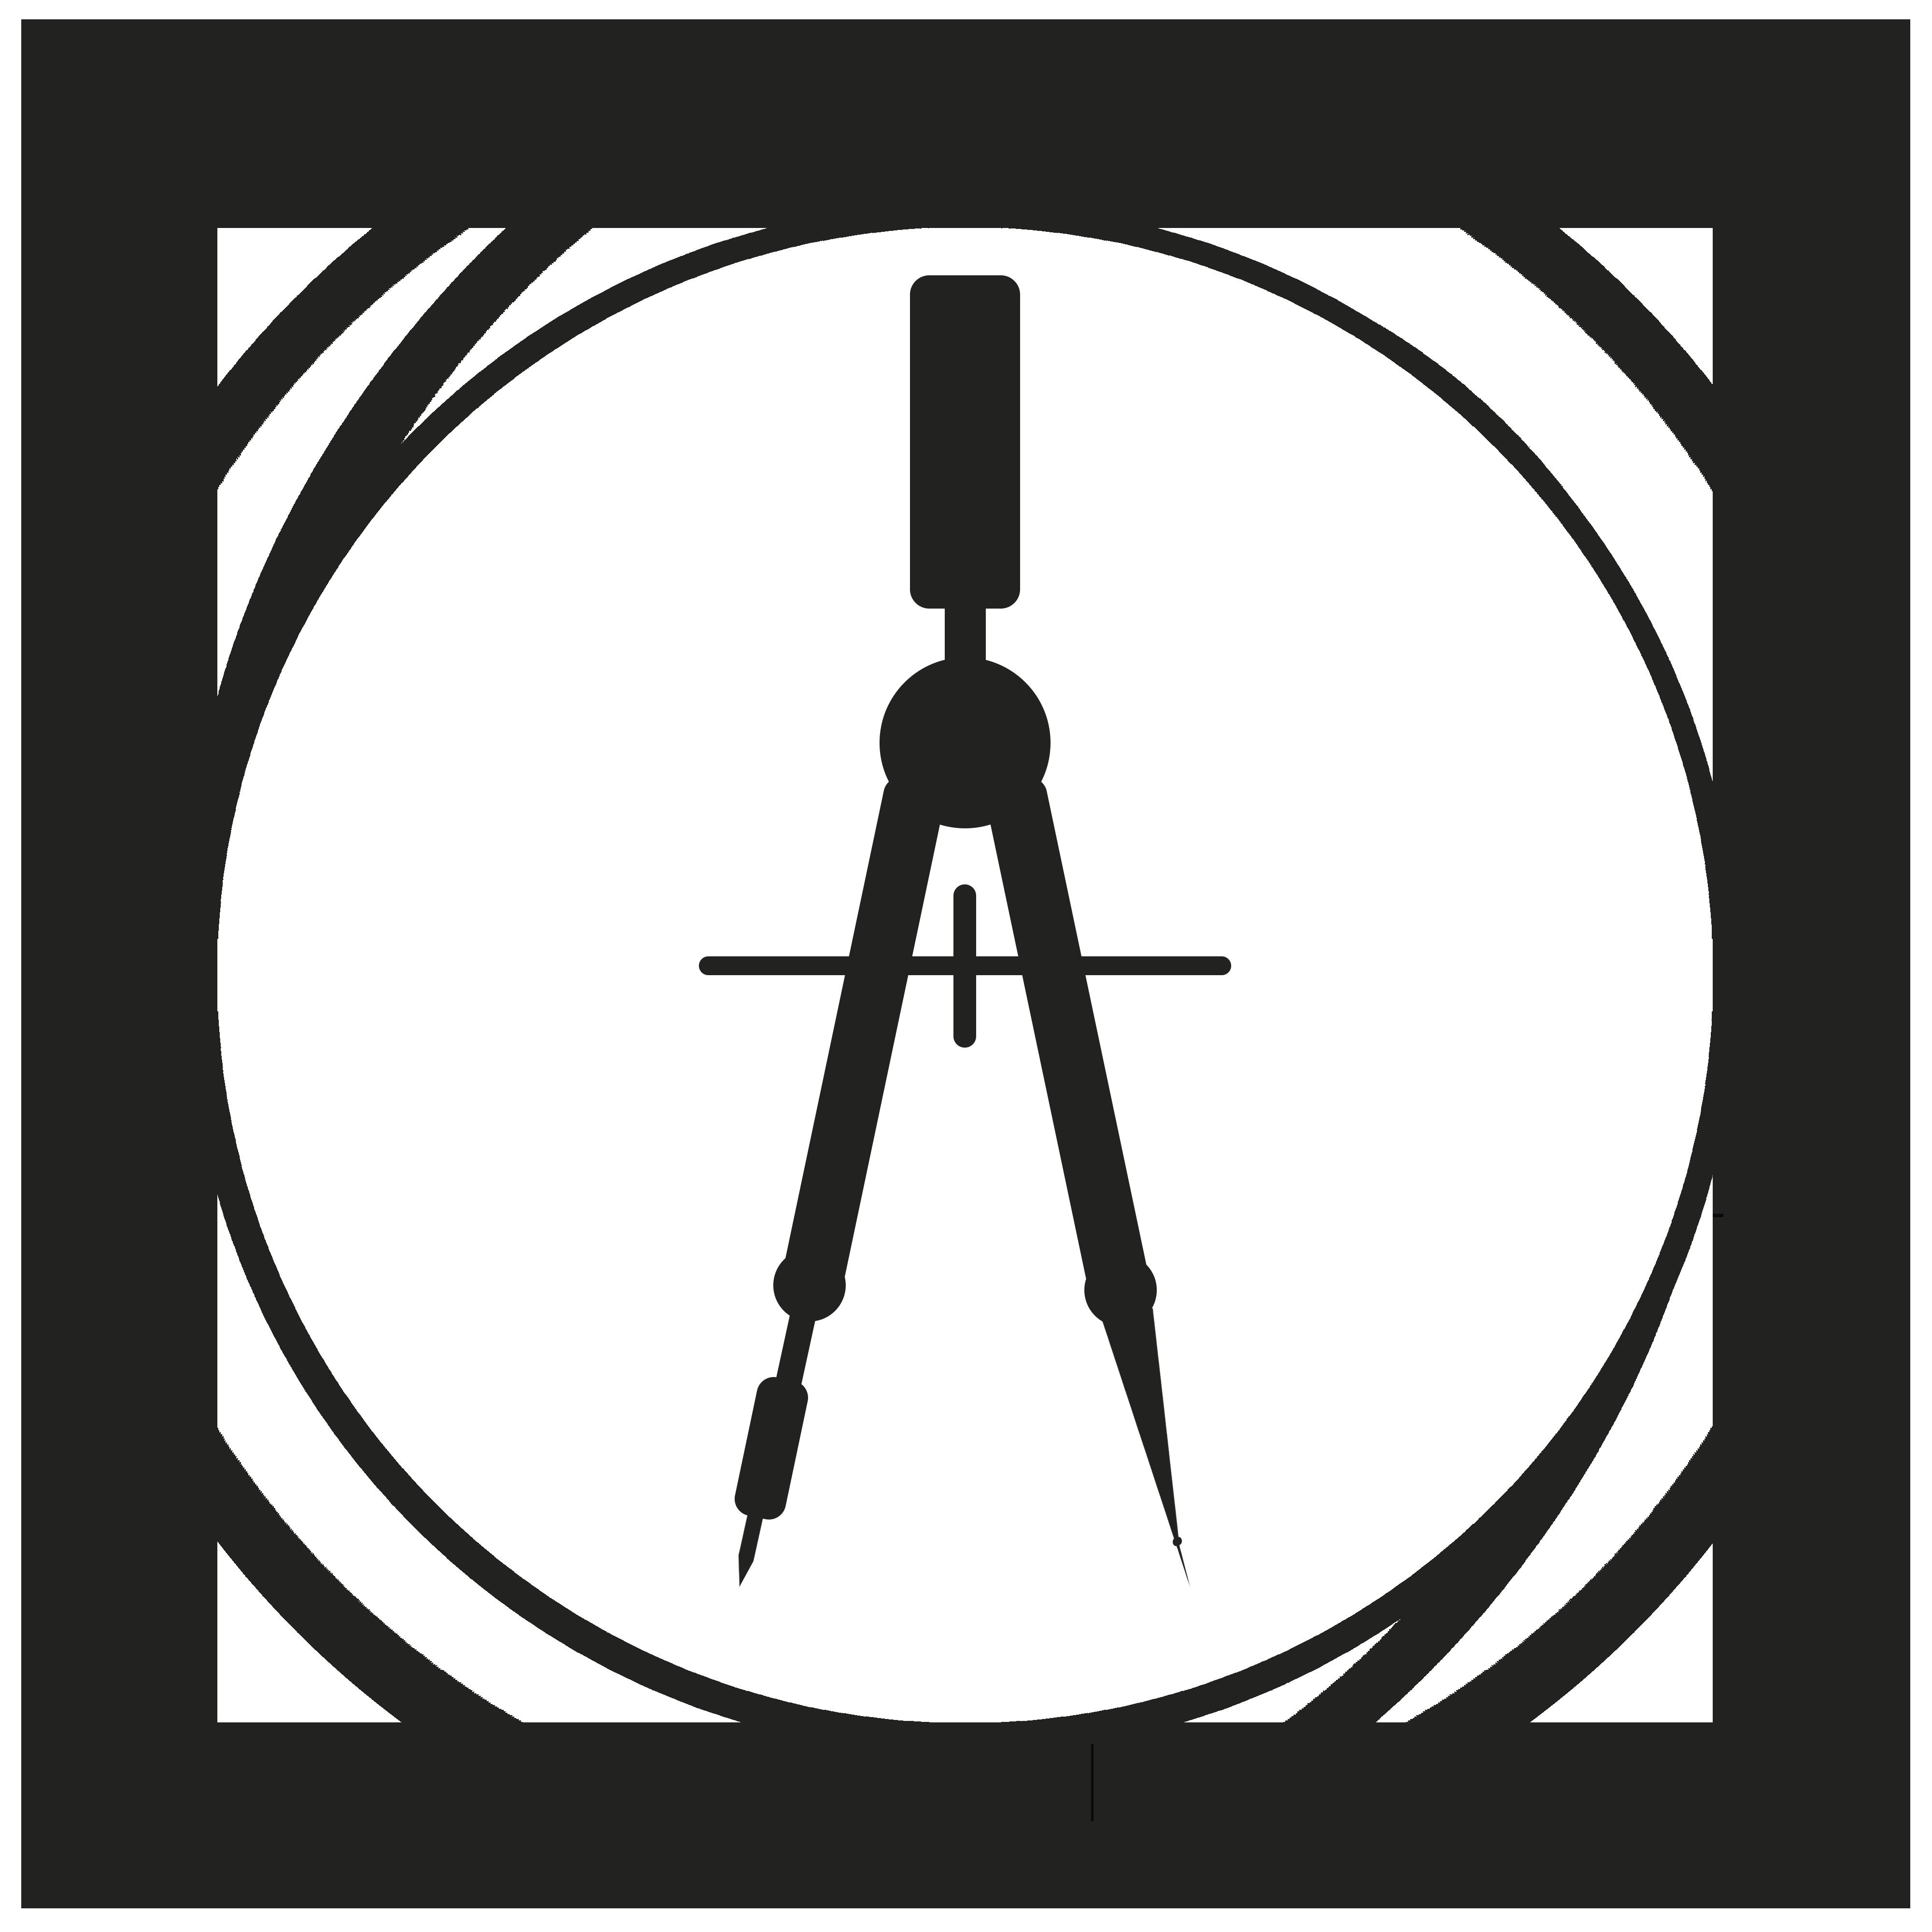 Tutorlab